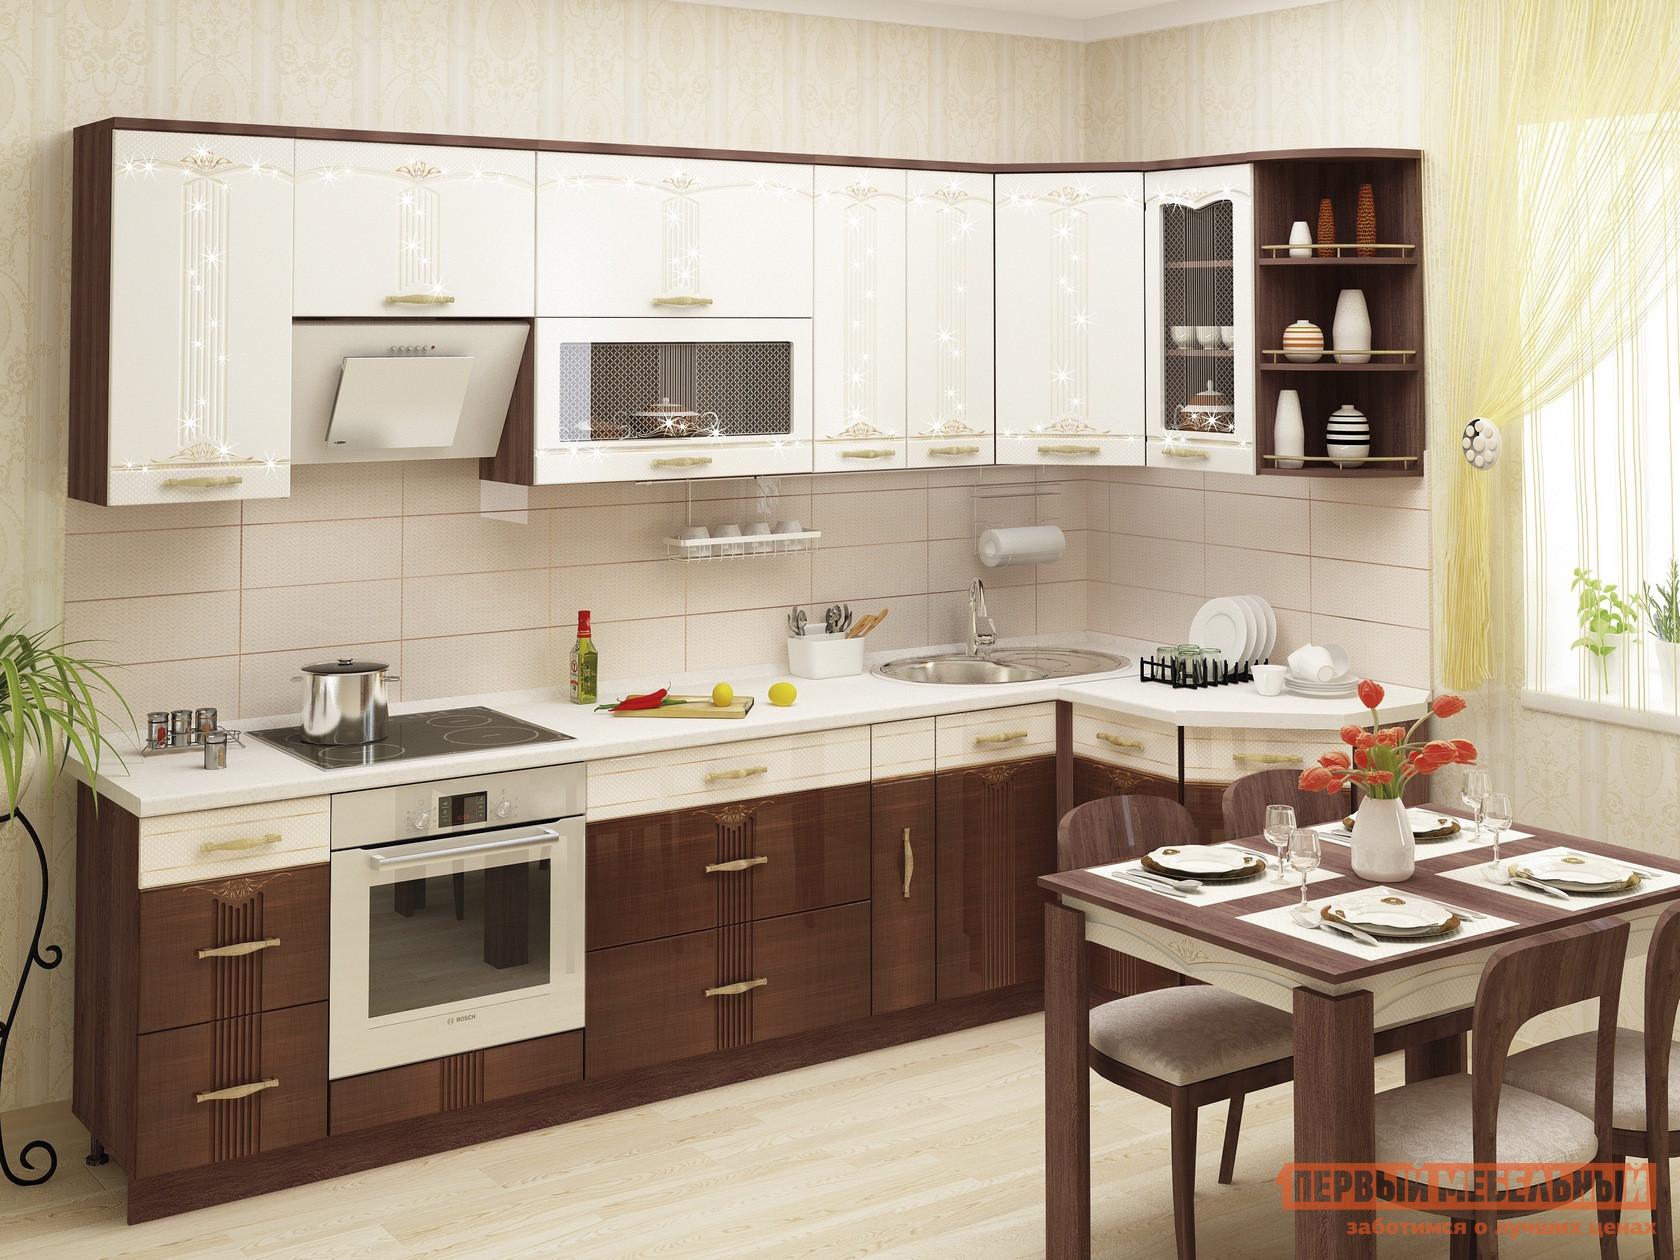 Кухонный гарнитур угловой Витра Каролина К2 кухонный гарнитур витра глория 3 к3